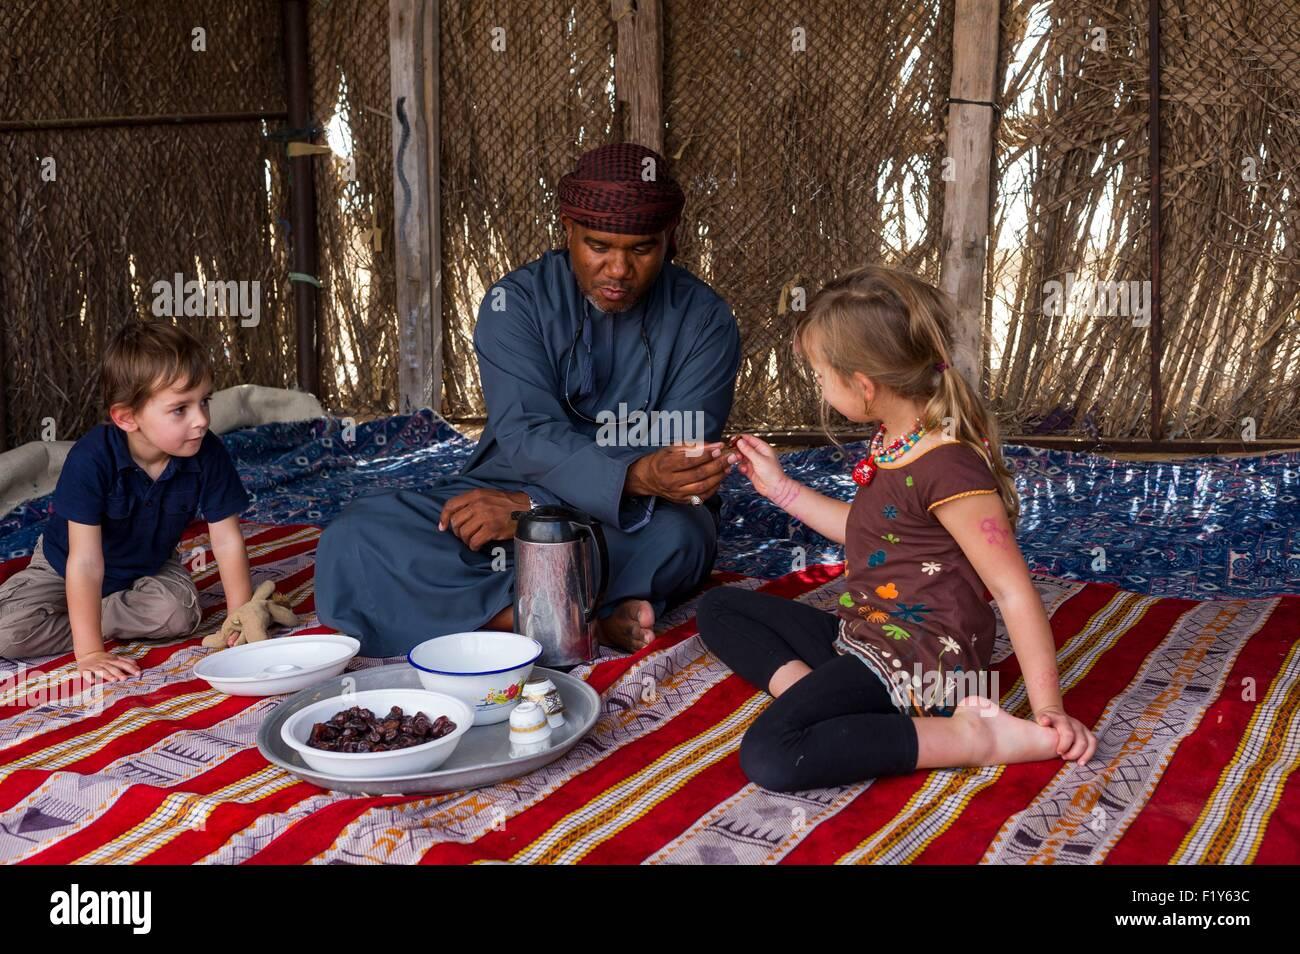 Oman, Sharquiyah Sands, beduin ospitalità Immagini Stock